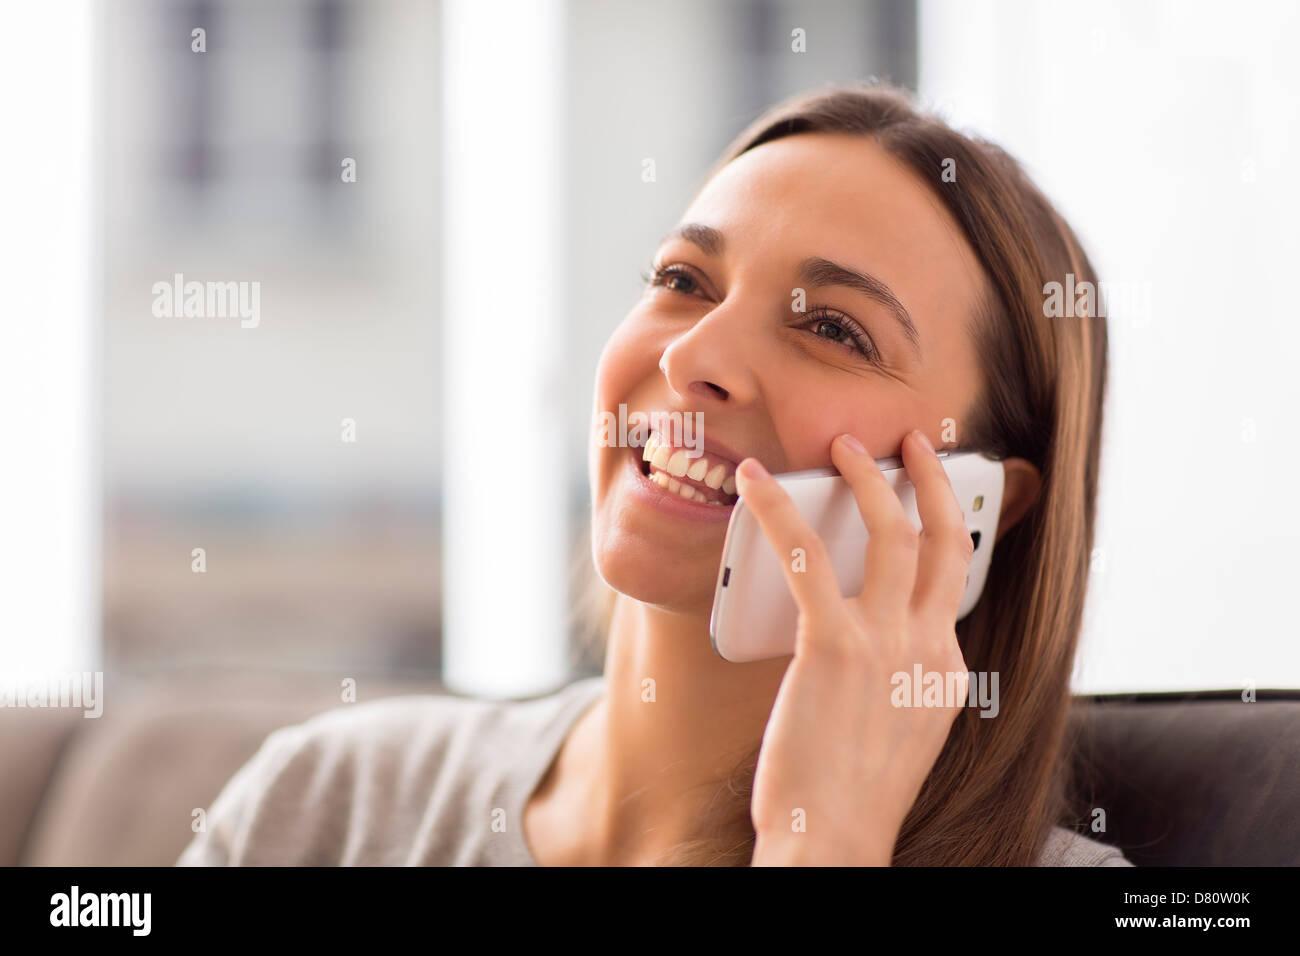 Piuttosto giovane femmina bianco utilizzando il telefono cellulare a casa sorridenti Immagini Stock